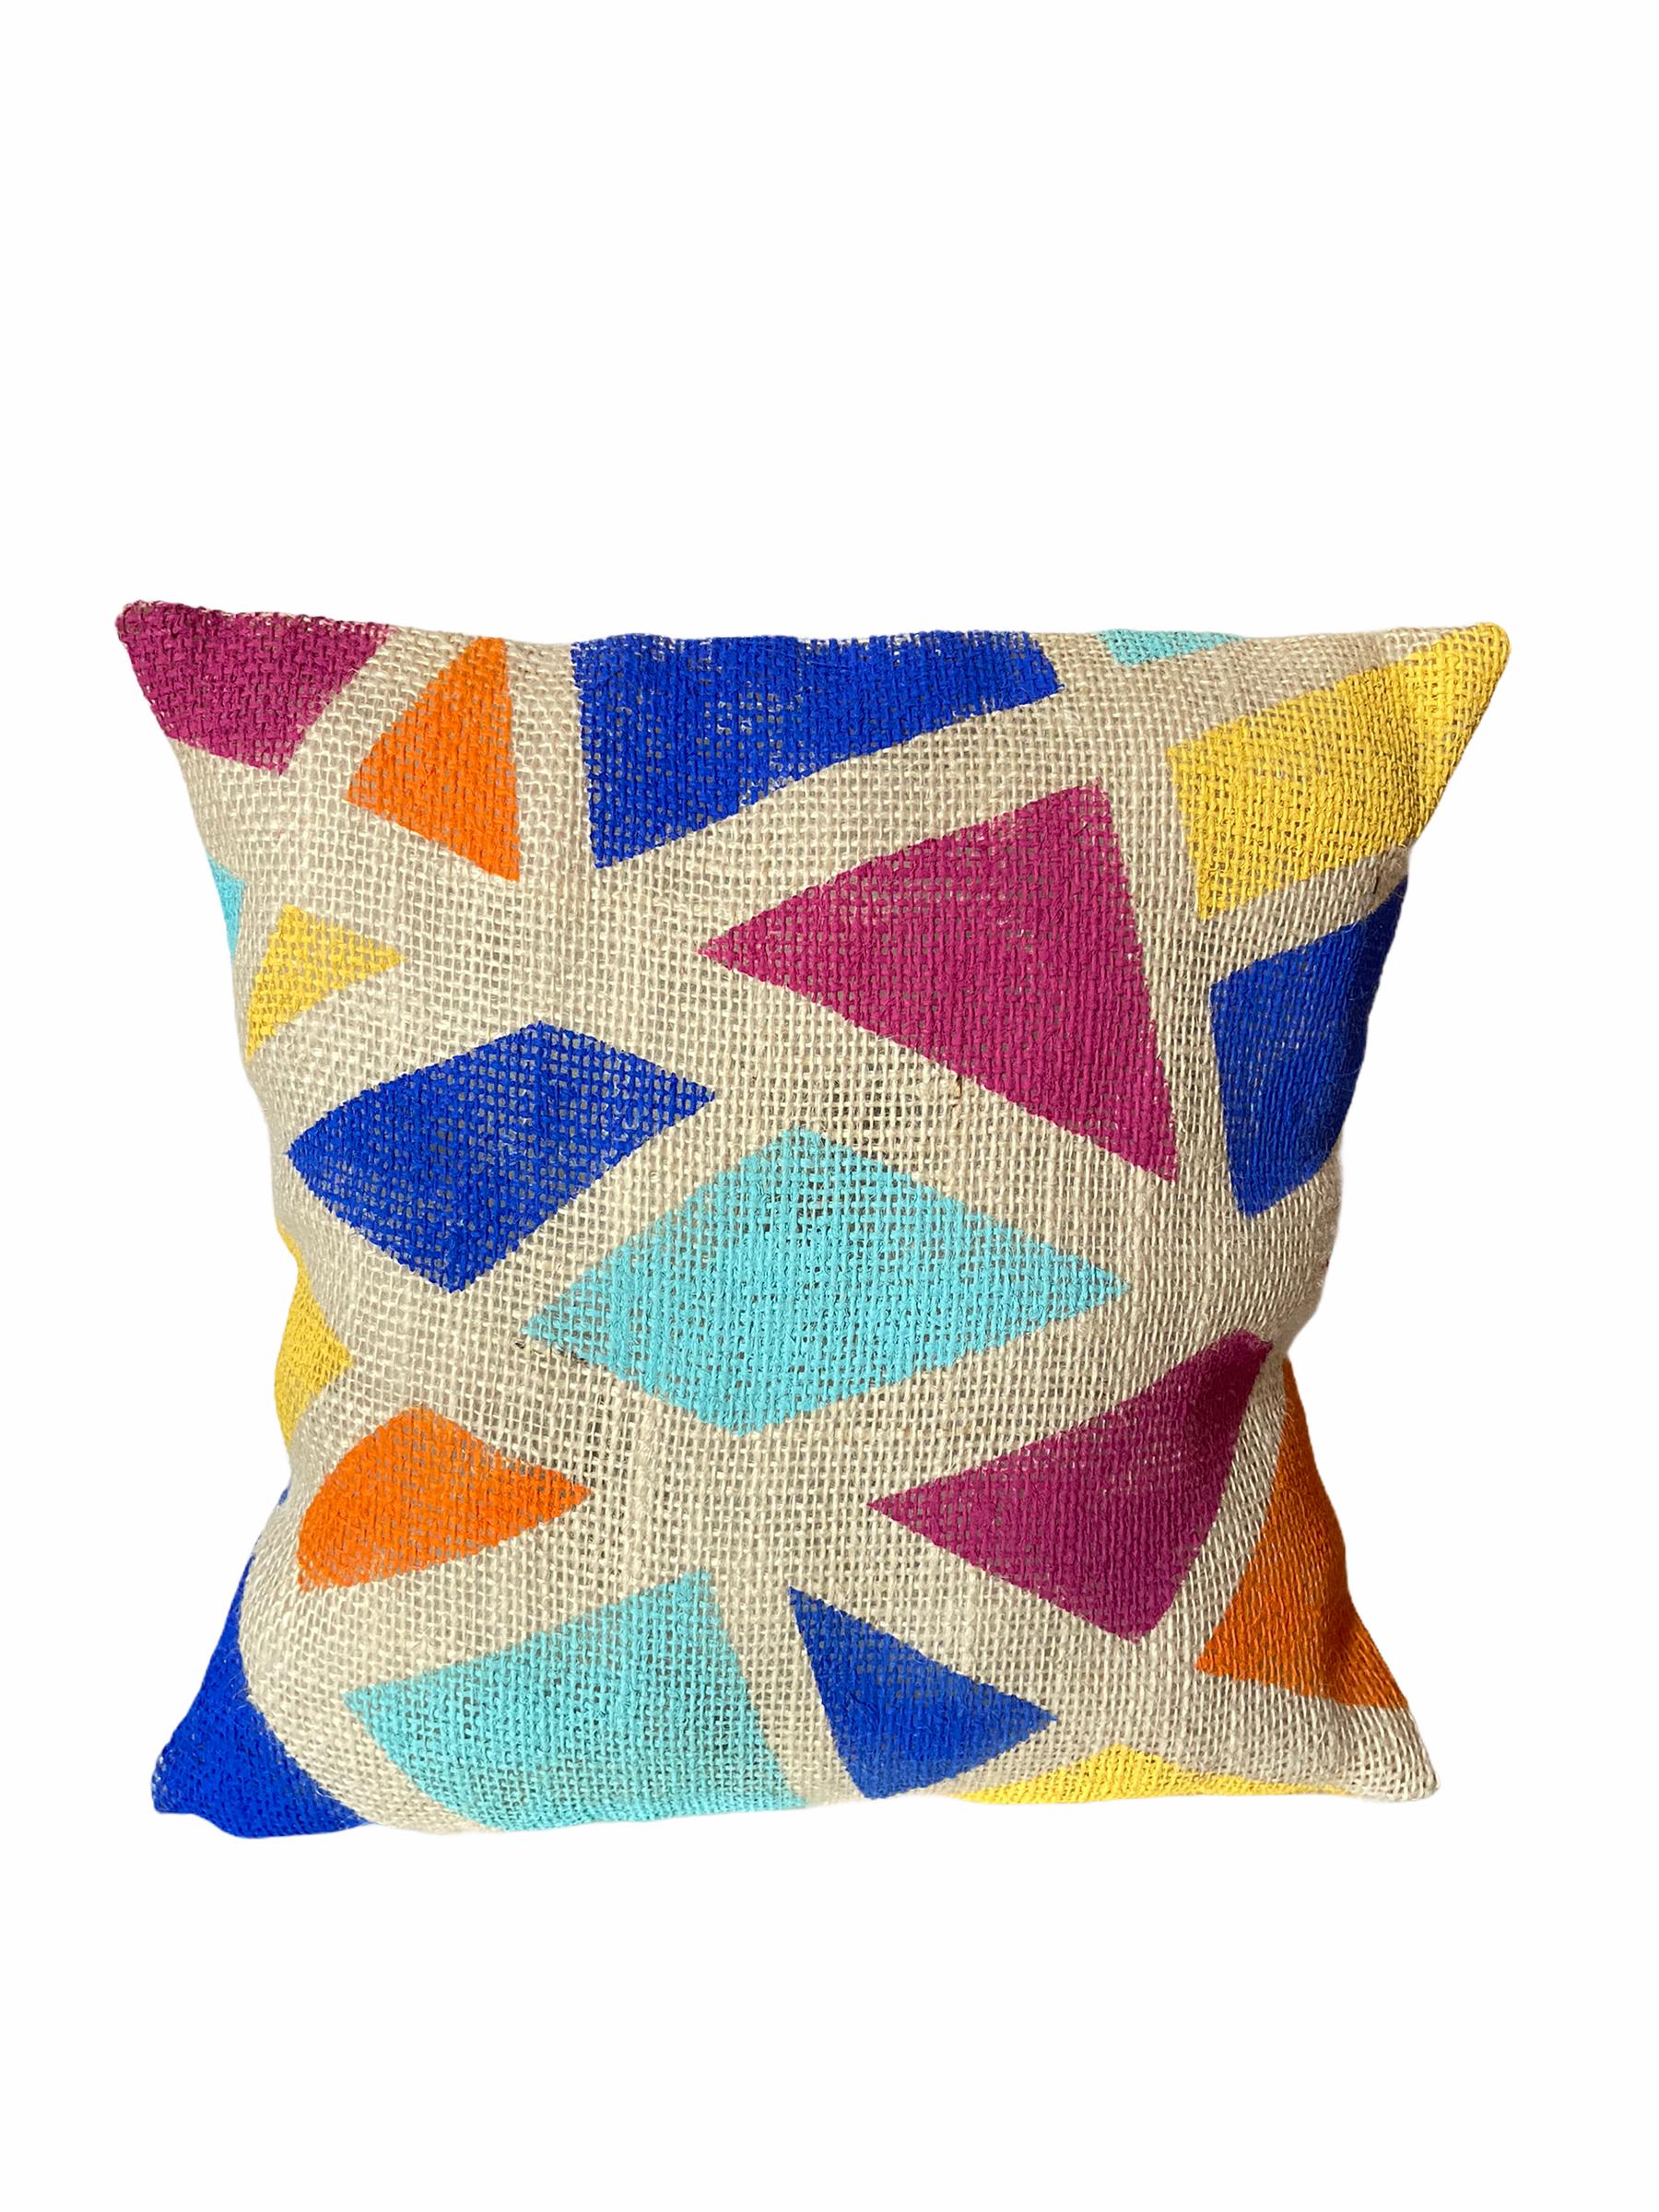 DIY Painted Pillow Craft Kit